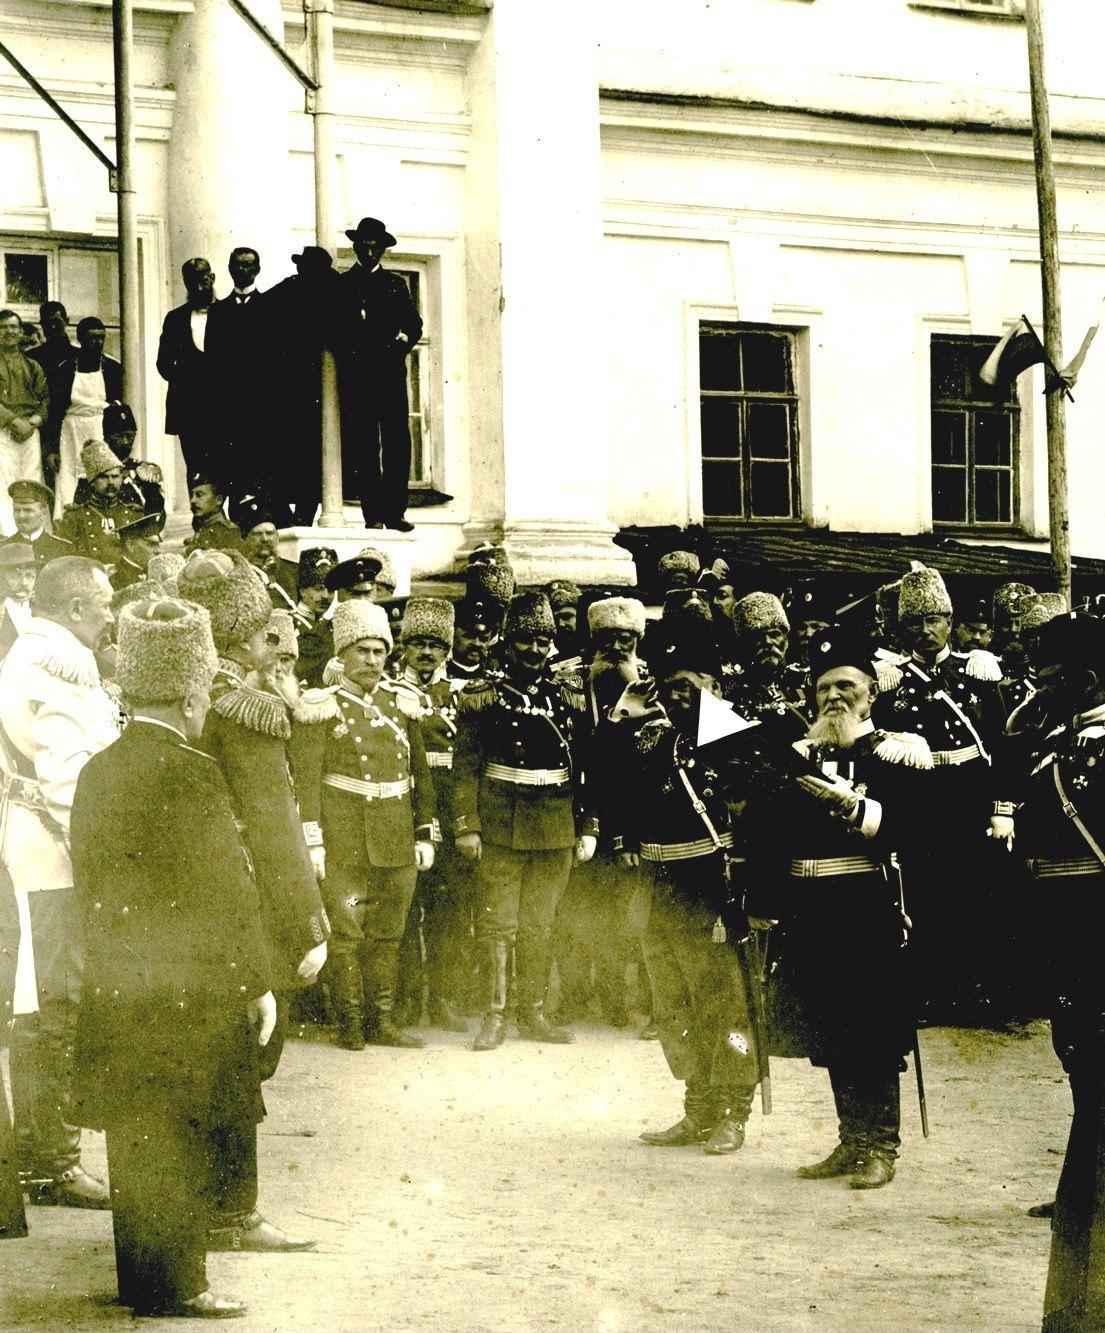 Отставной генерал-лейтенант Г.Е. Катанаев оглашает поздравительный адрес от Сибирского казачьего войска на праздничных торжествах по случаю столетия кадетс